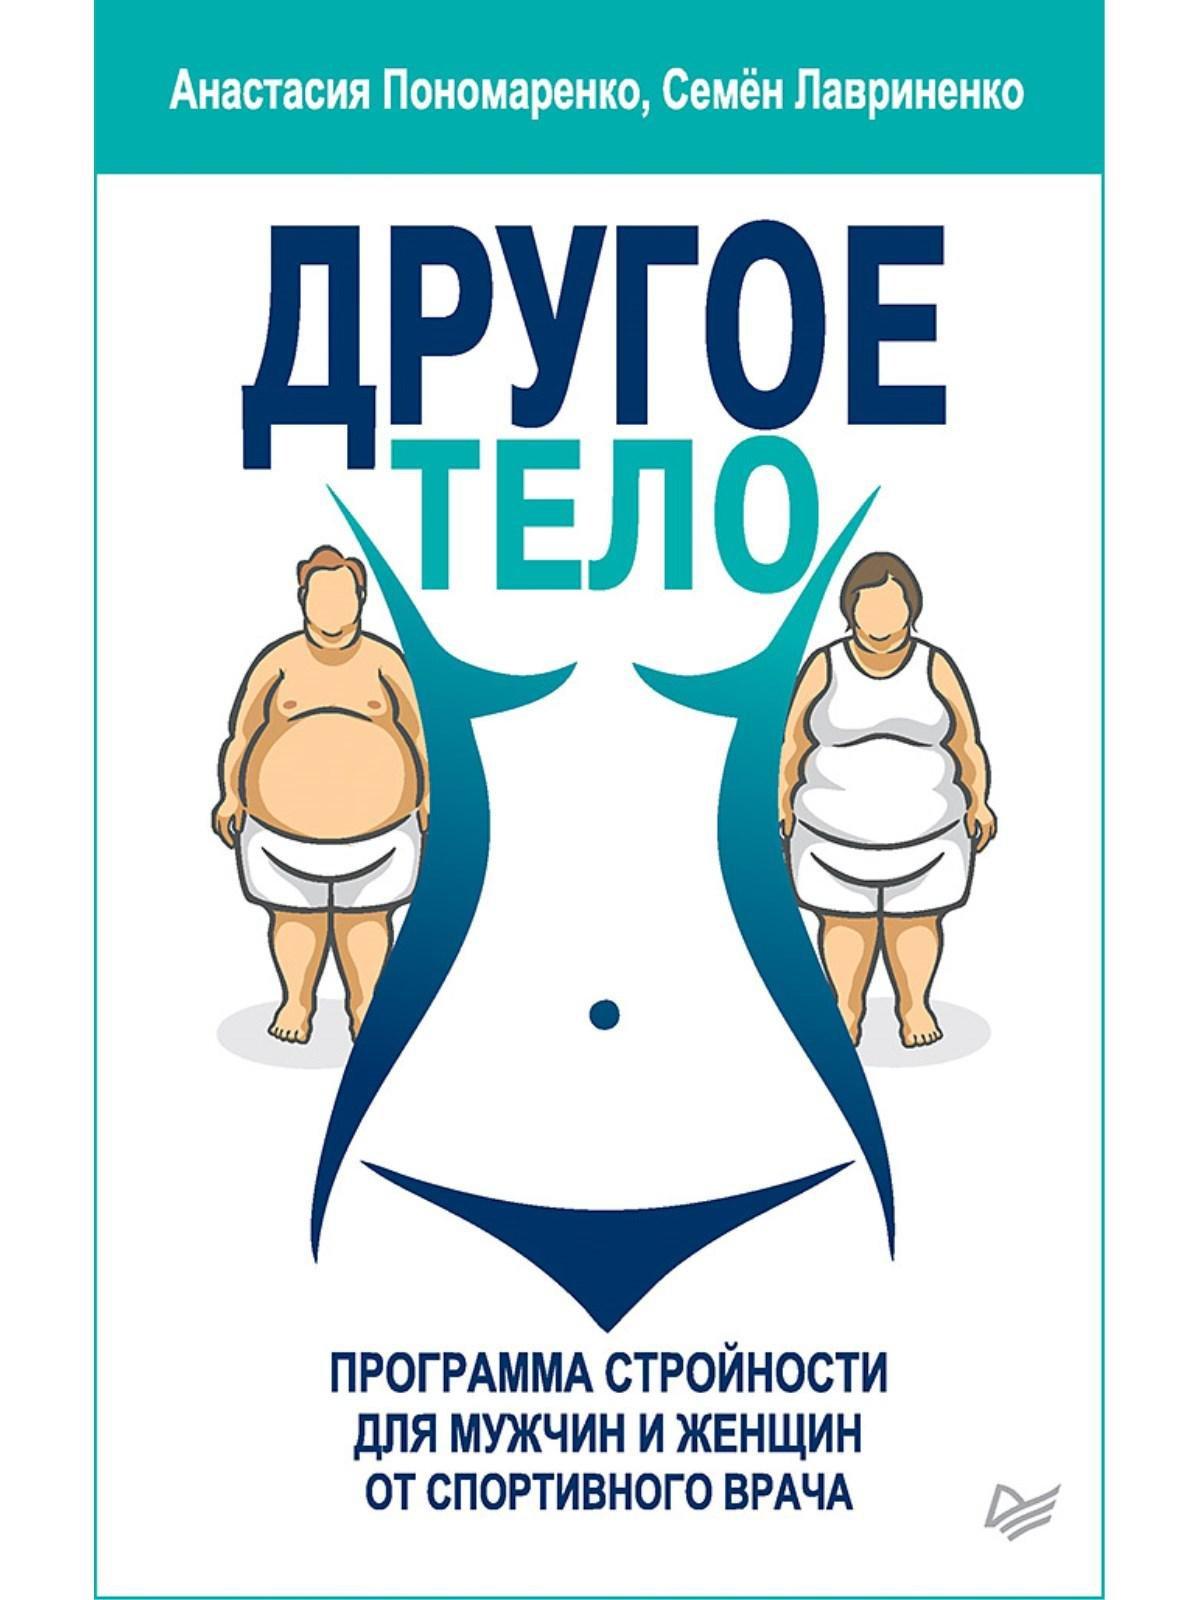 Пономаренко А Другое тело. Программа стройности для мужчин и женщин от спортивного врача